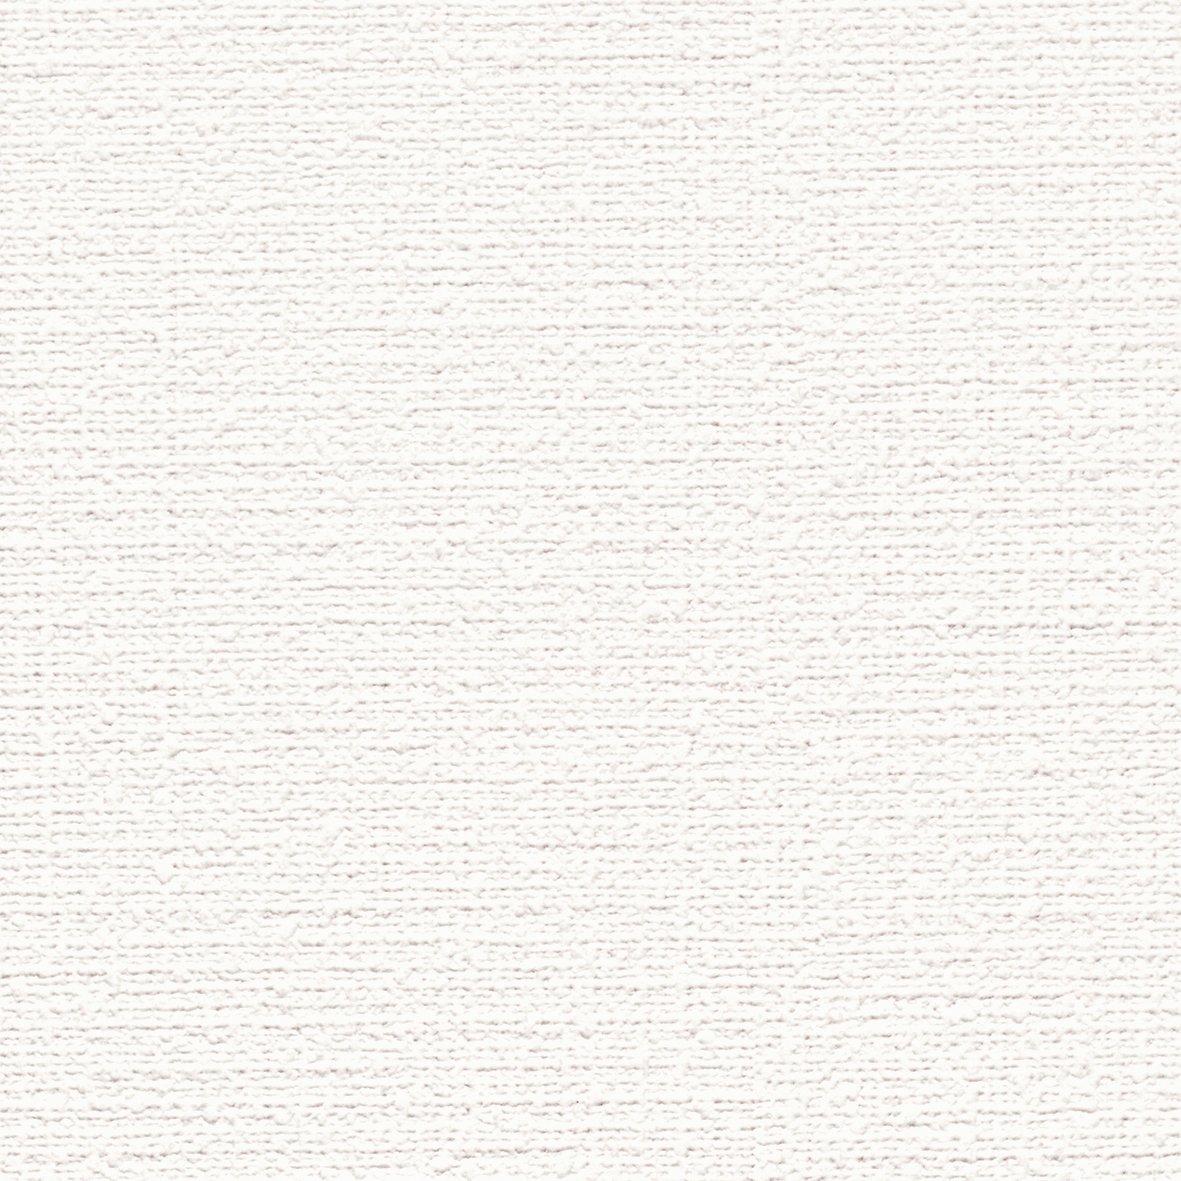 リリカラ 壁紙38m シンフル 織物調 ホワイト 織物調 LB-9010 B01IHS7HY8 38m